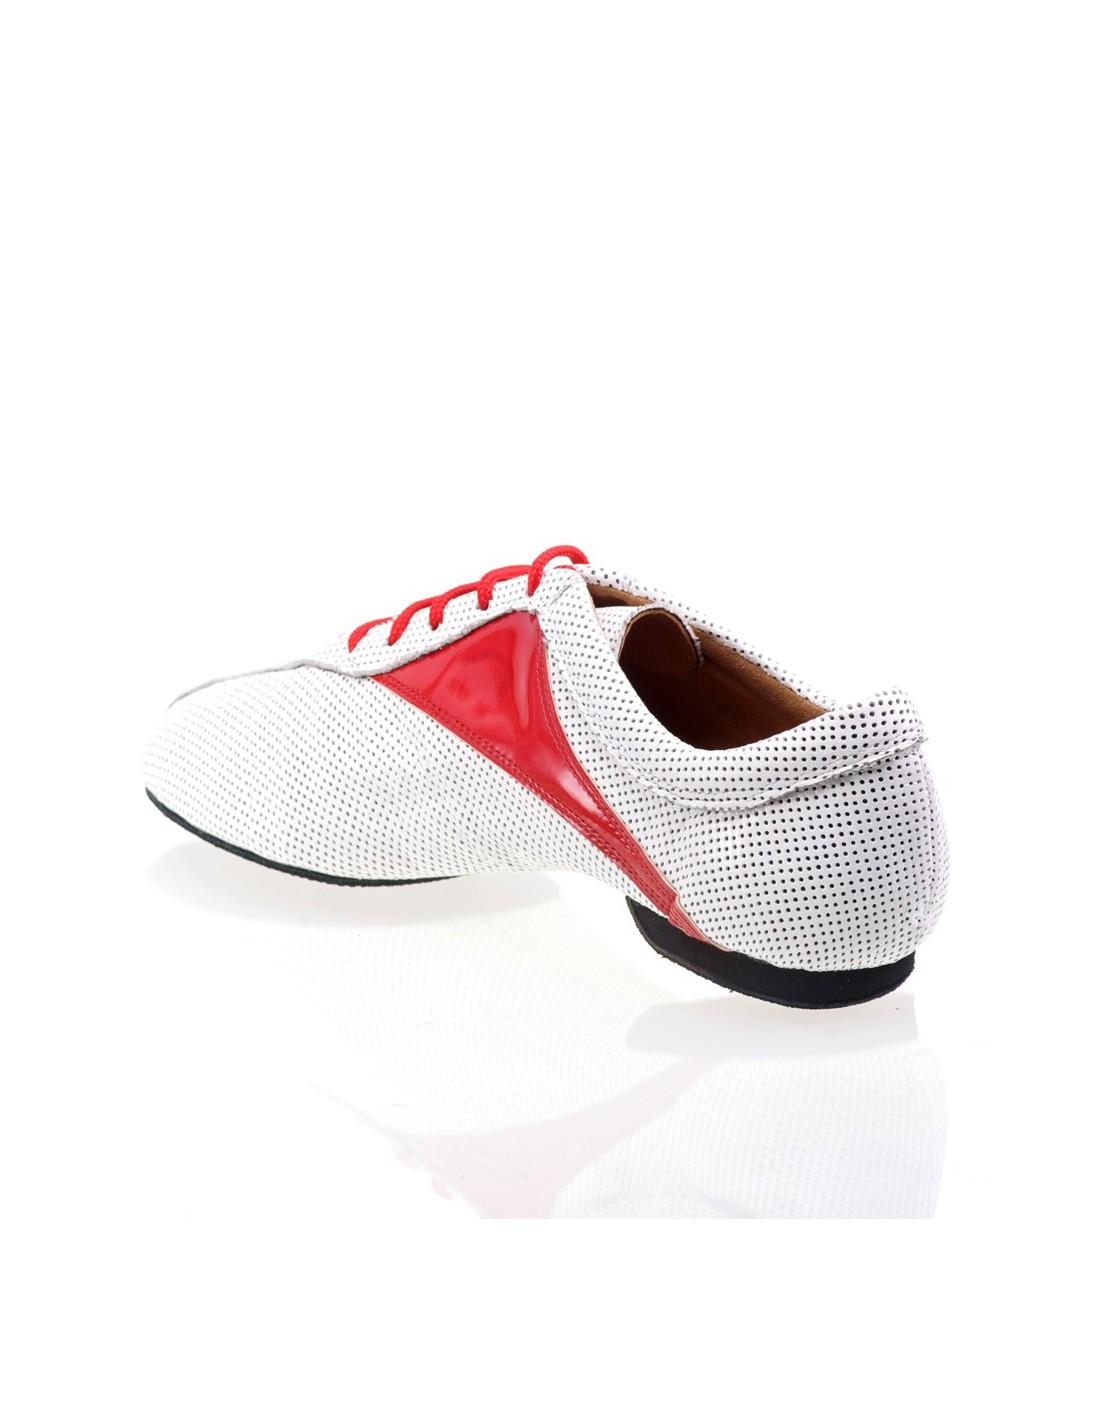 973c1bc769bfc Chaussures de danse forme Salomé en cuir argent pour la Salsa ou bachata